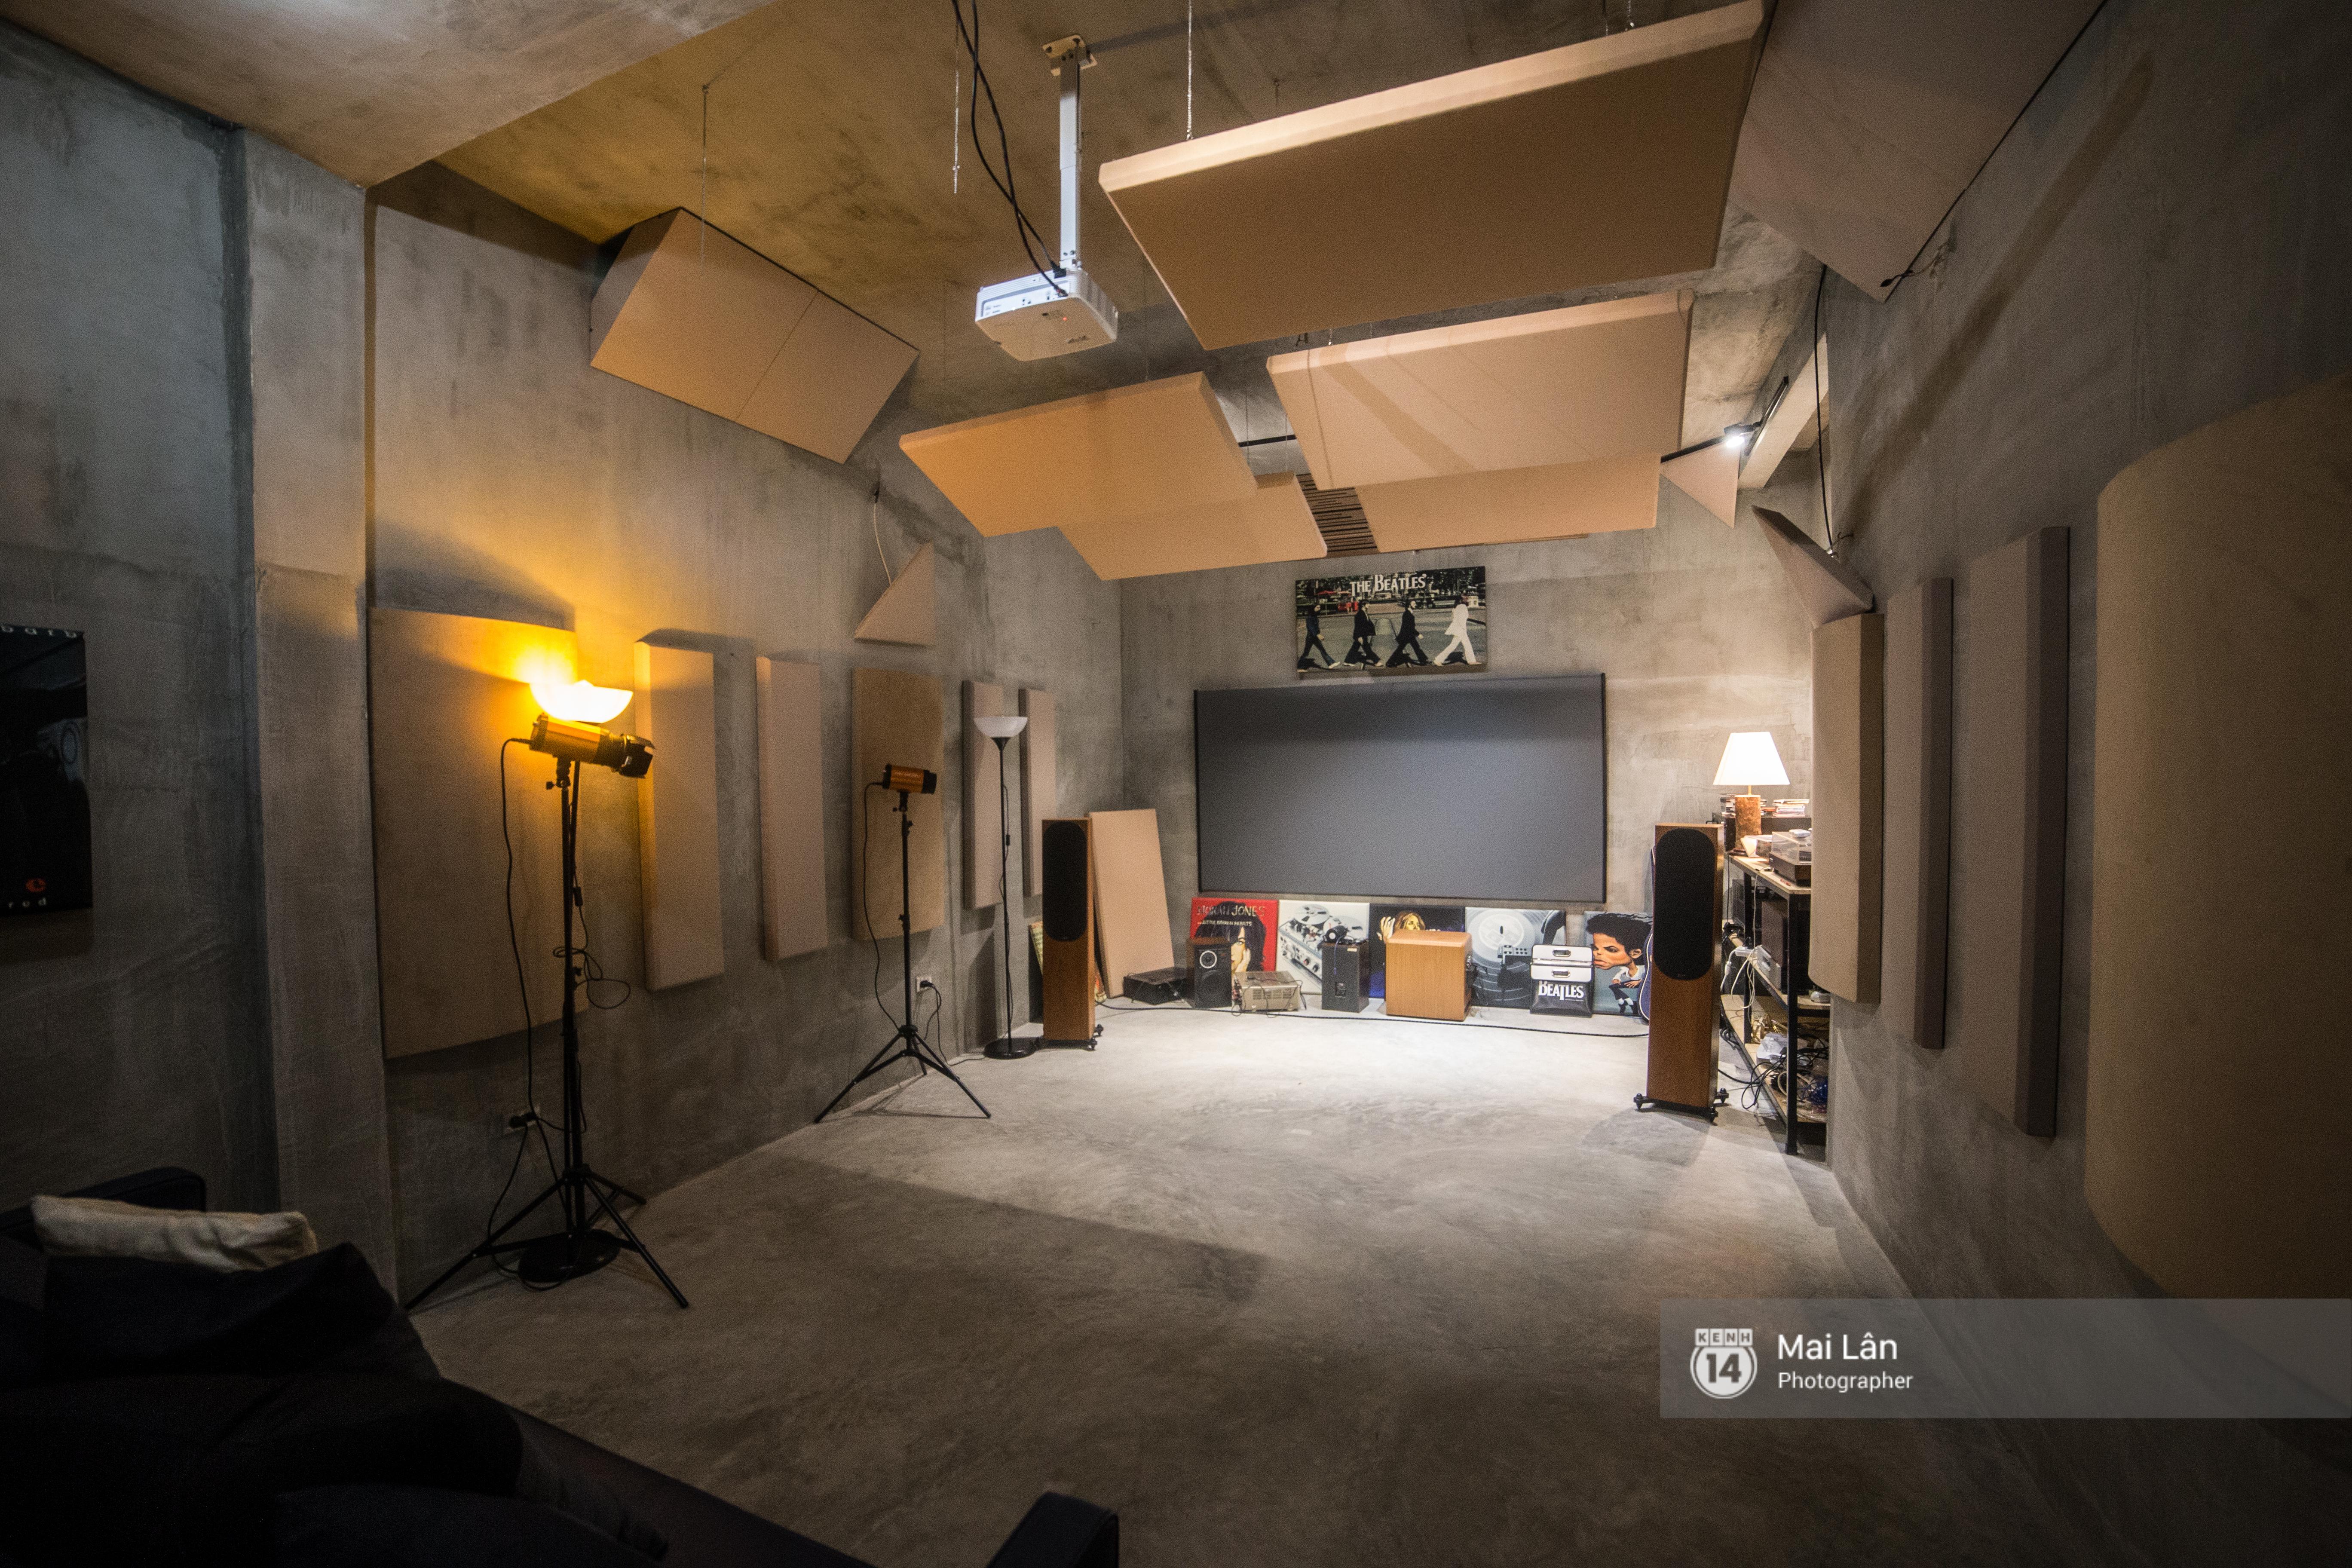 VUI Studio - không gian mới toanh cực khác biệt cho giới trẻ Hà Nội, đến là vui! - Ảnh 10.